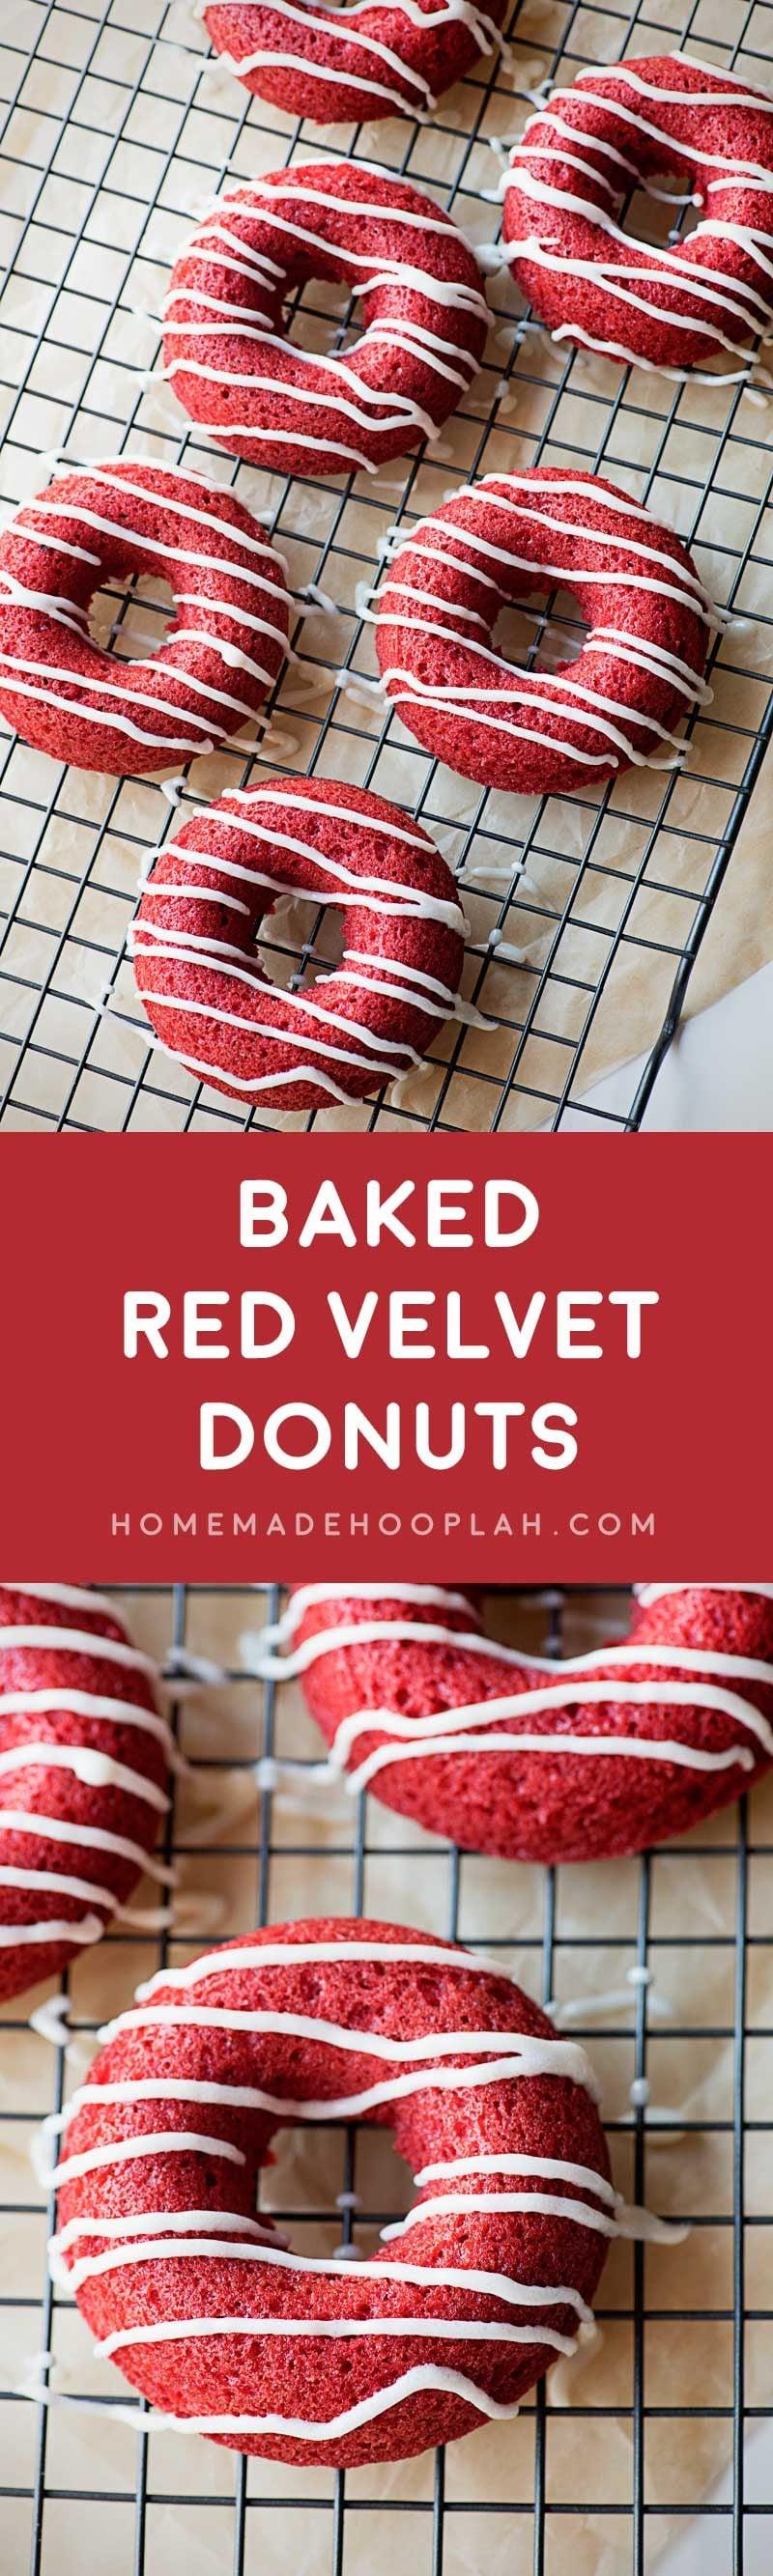 Baked Red Velvet Donuts Homemade Hooplah